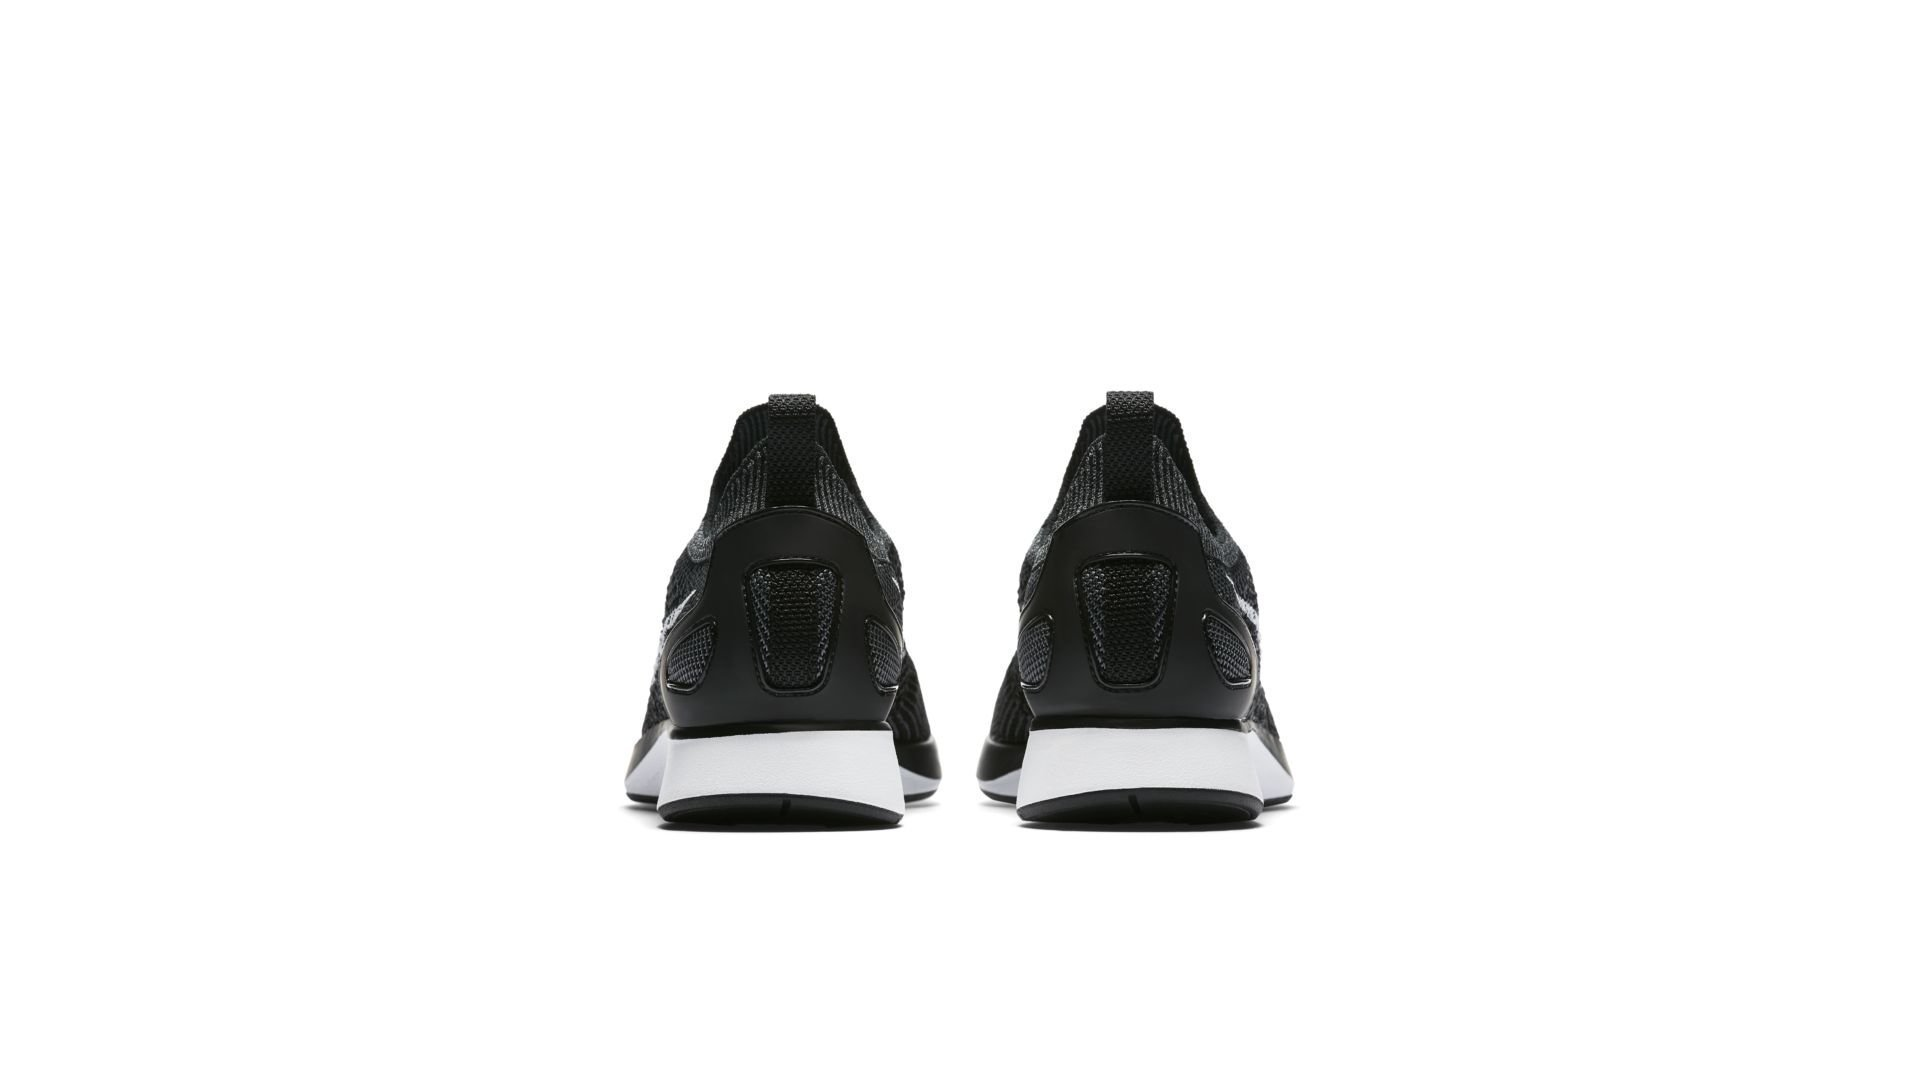 Nike Air Zoom Mariah Flyknit Racer 'Black/Dark Grey' (917658-002)